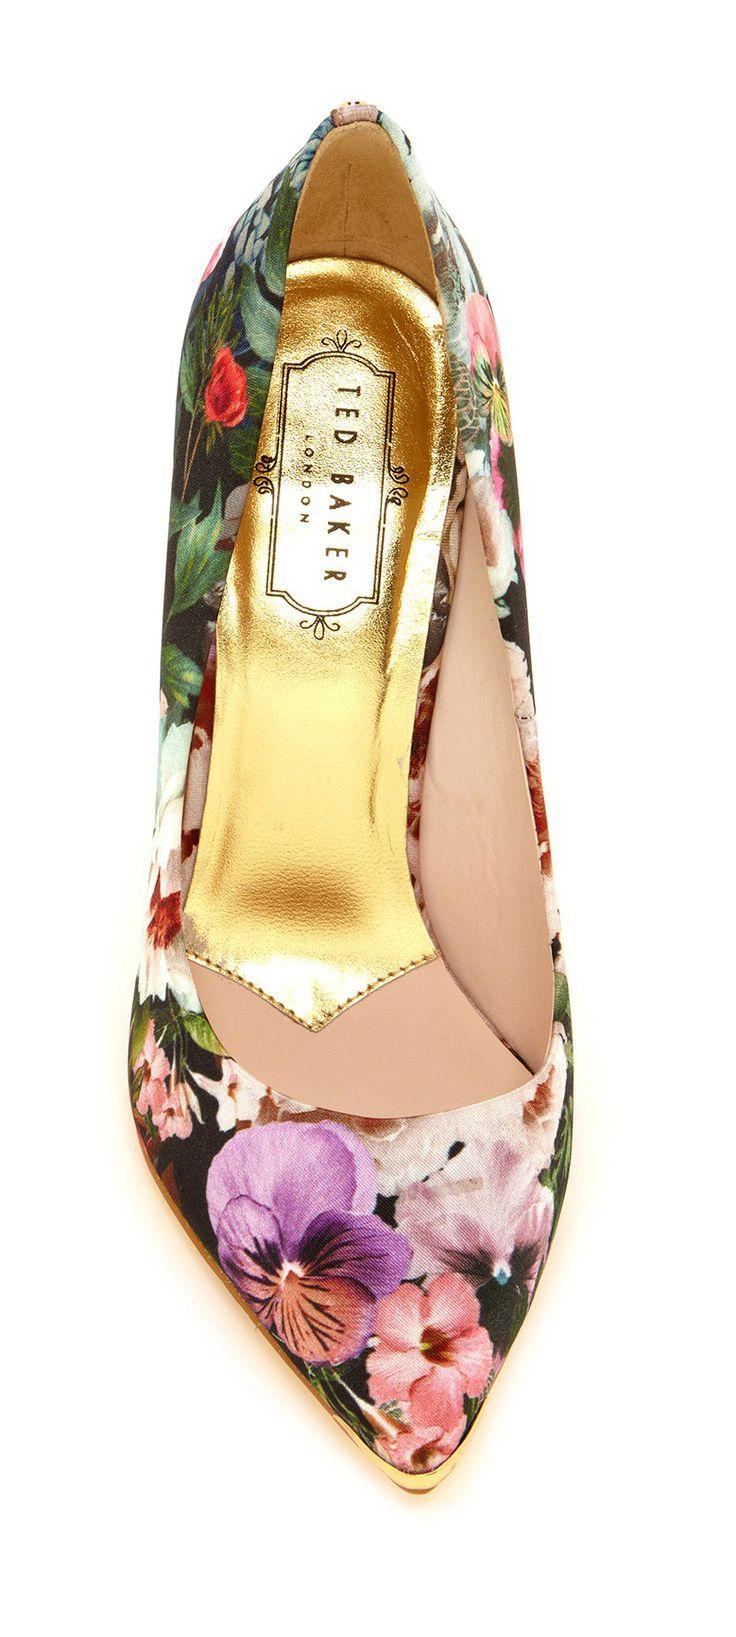 Zapatos florales de Ted Baker, perfectos para añadirle un toque de color a tu ajuar nupcial.